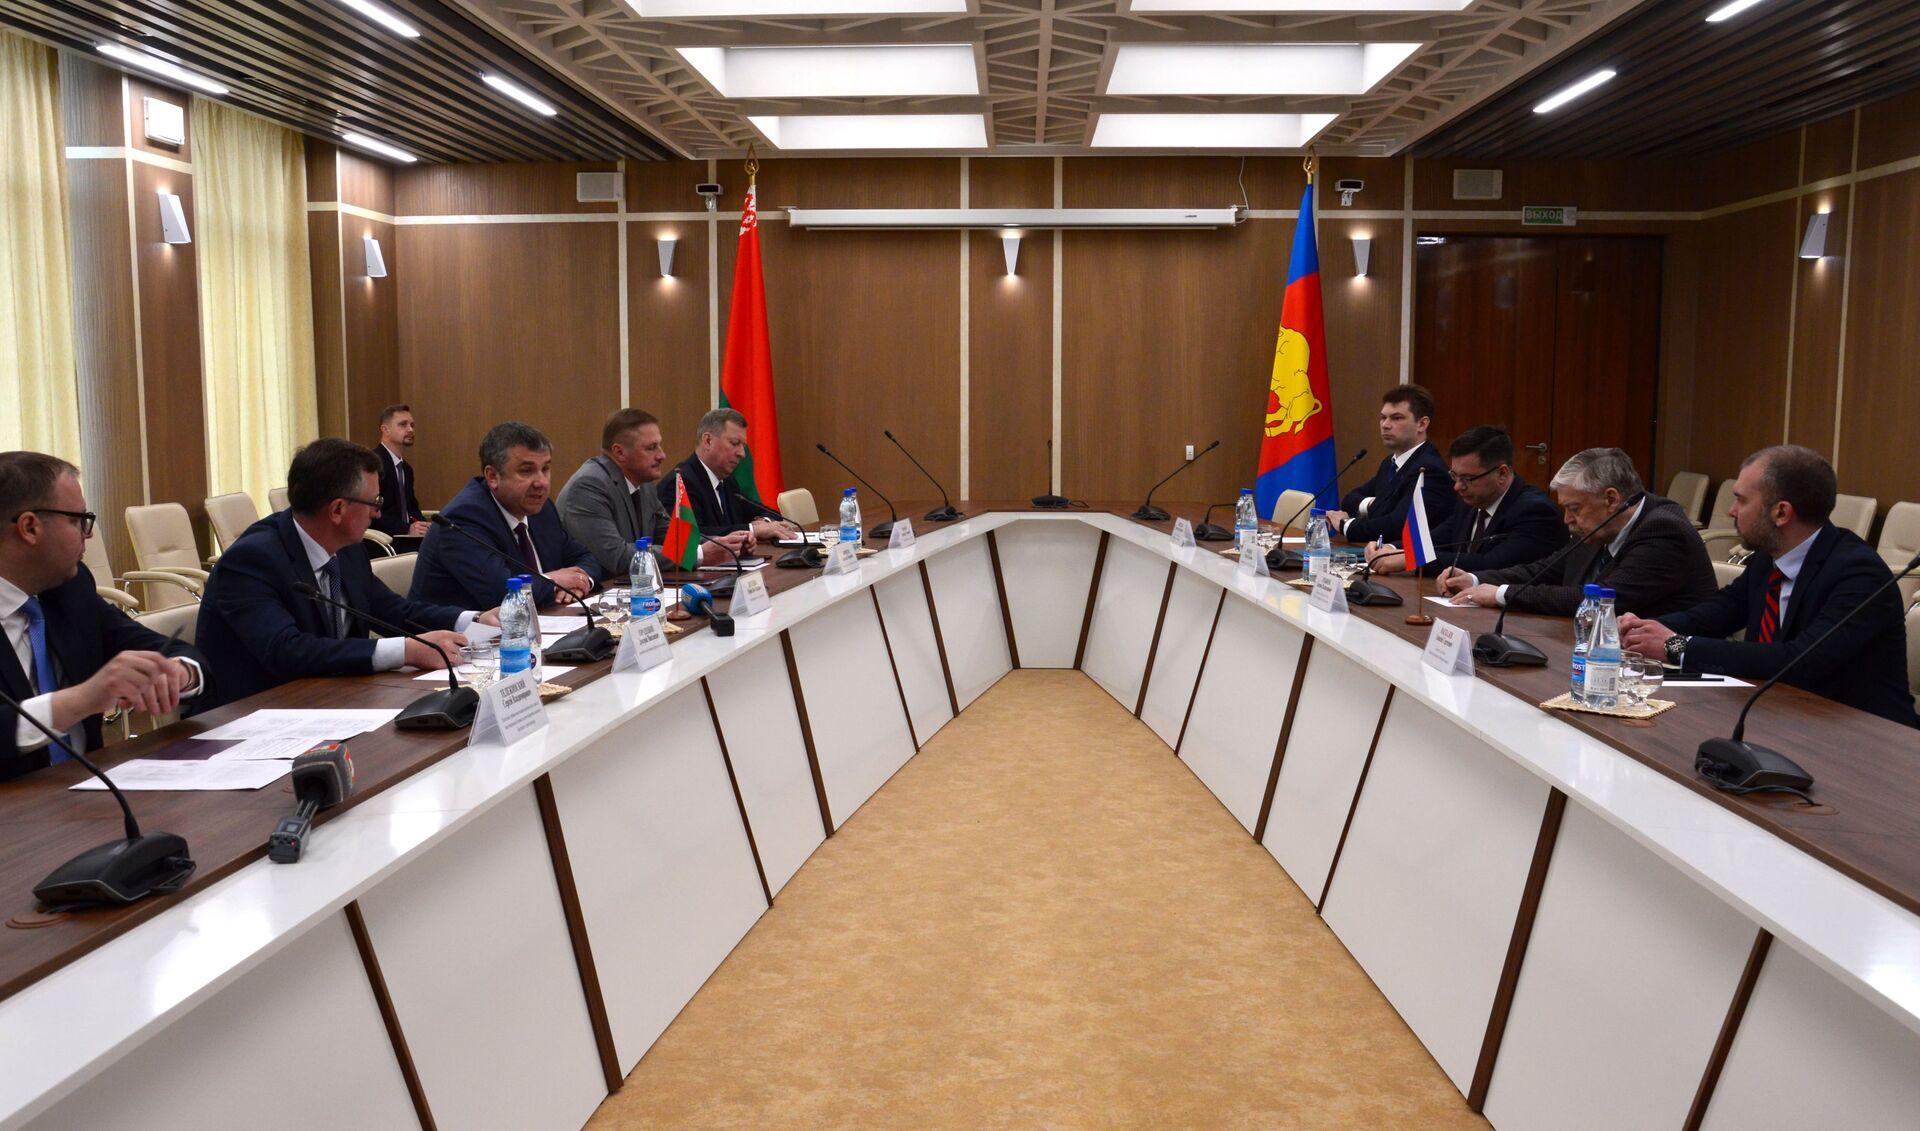 В Брестском облисполкоме прошли переговоры с российской делегацией о двустороннем сотрудничестве - Sputnik Беларусь, 1920, 29.06.2021